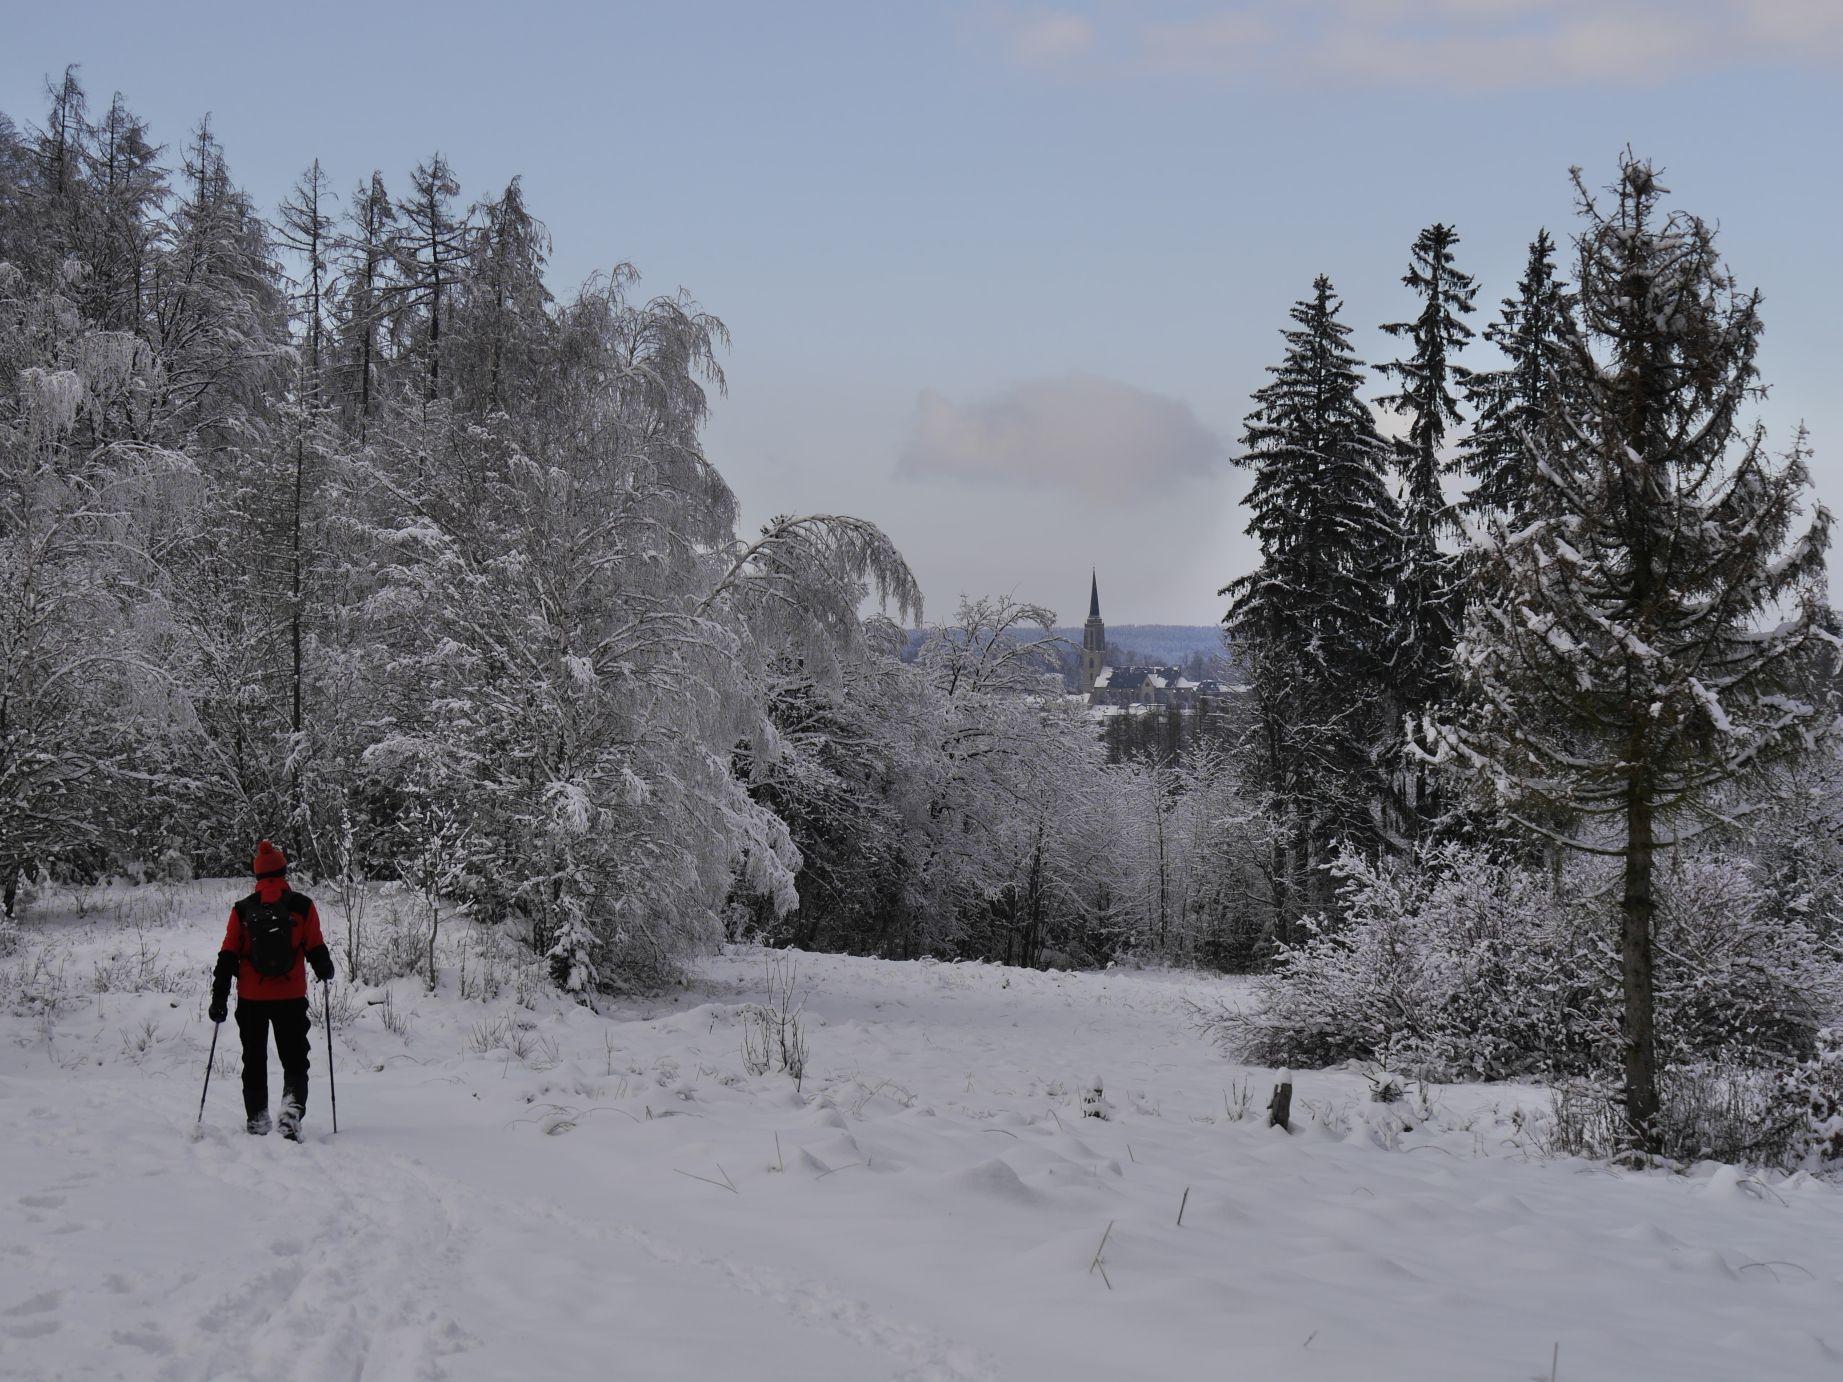 Weg in Richtung Talsperre Falkenstein